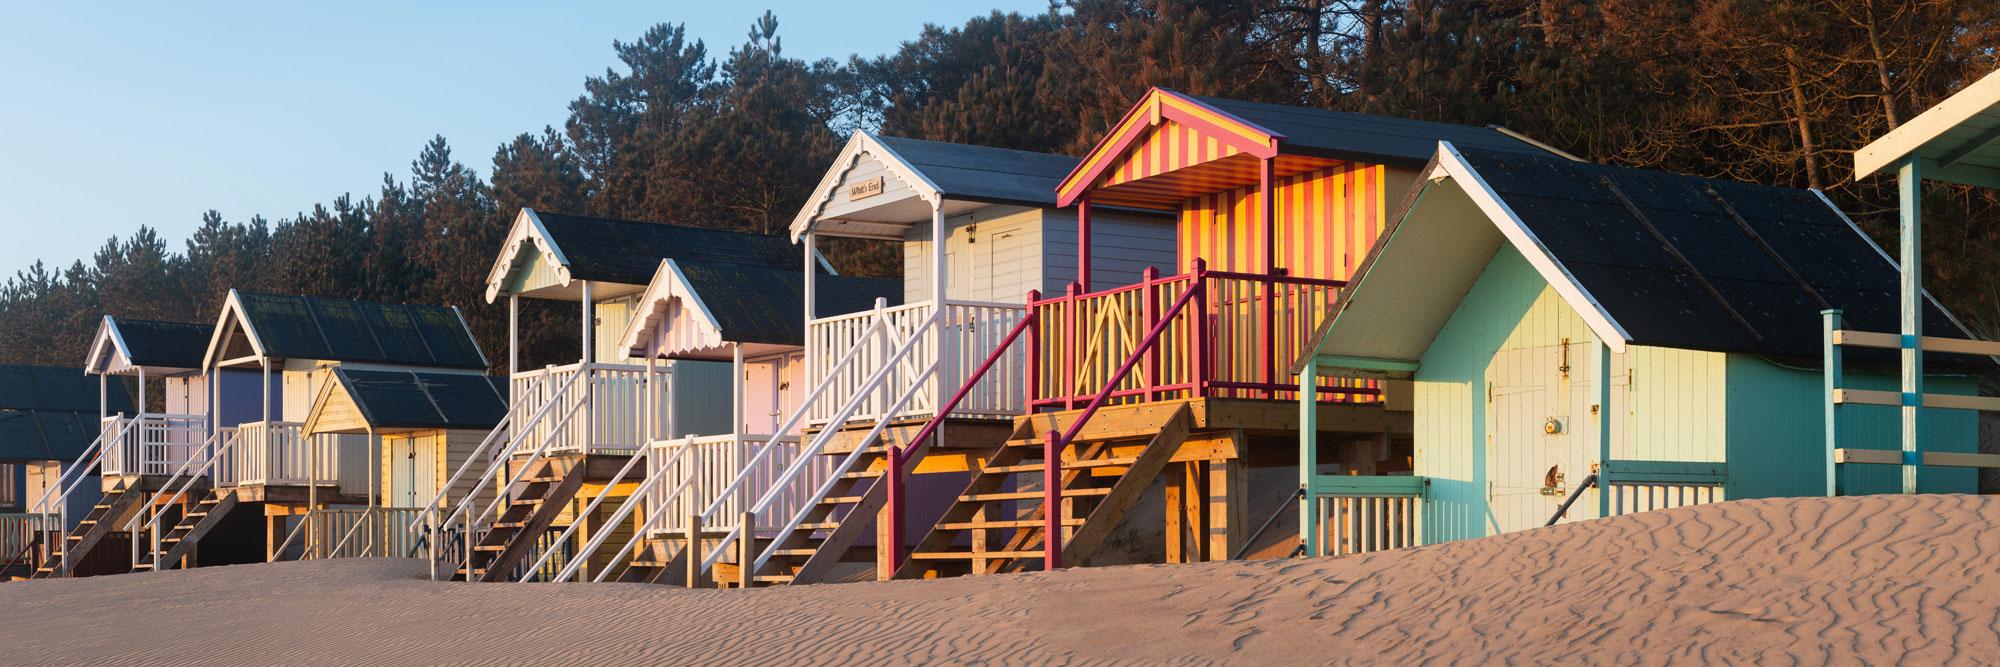 Colourful Beach huts at dawn on an English beach